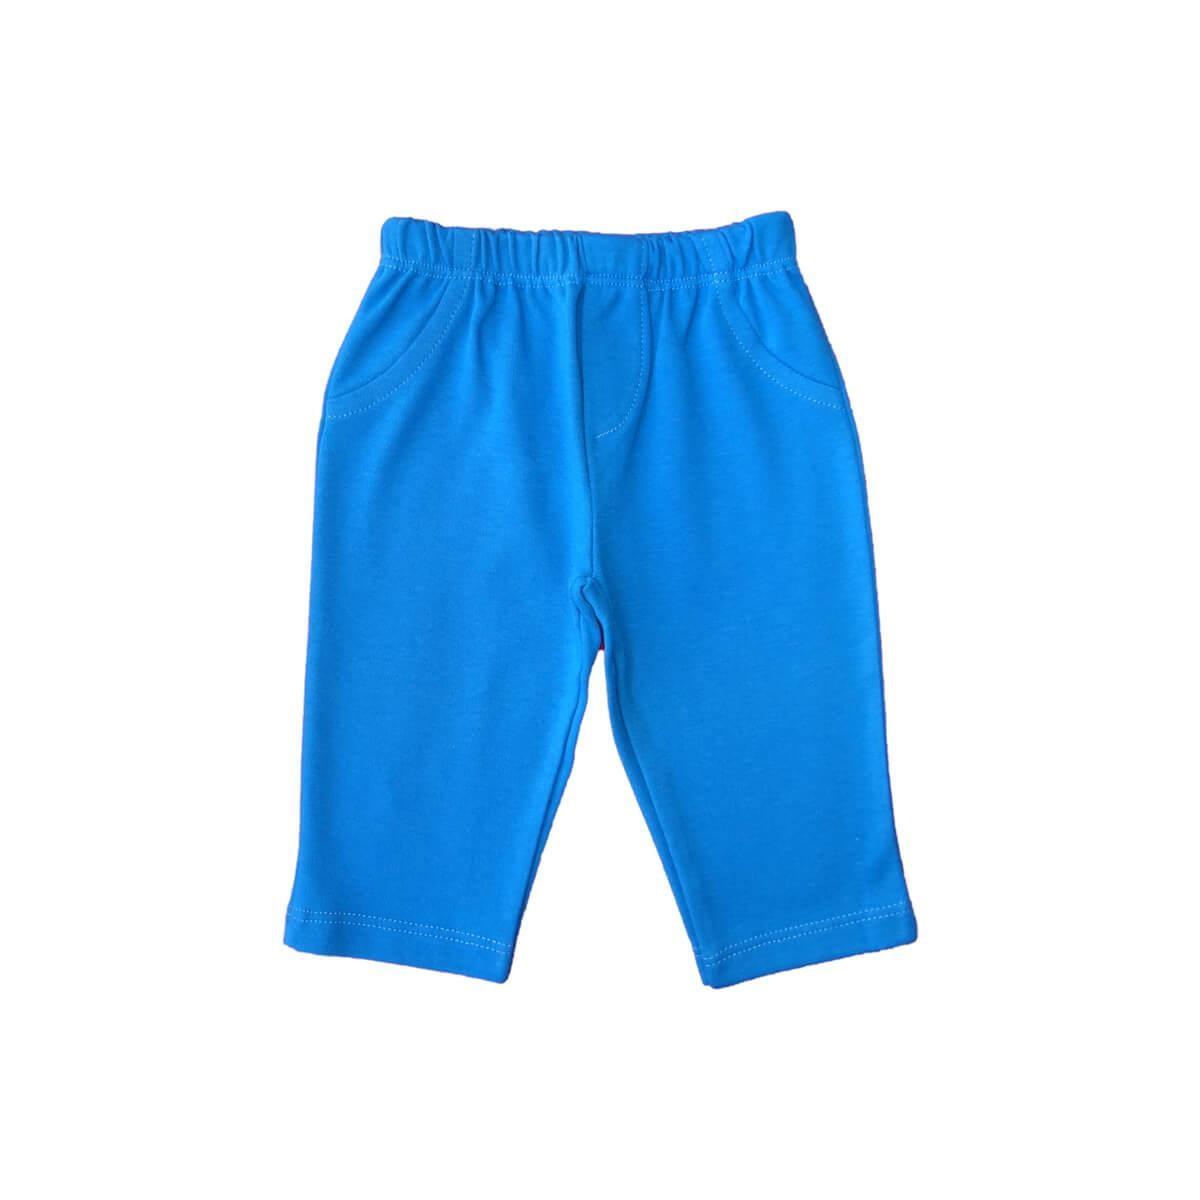 Calça Masculina do 1 ao 4 Azul Cobalto